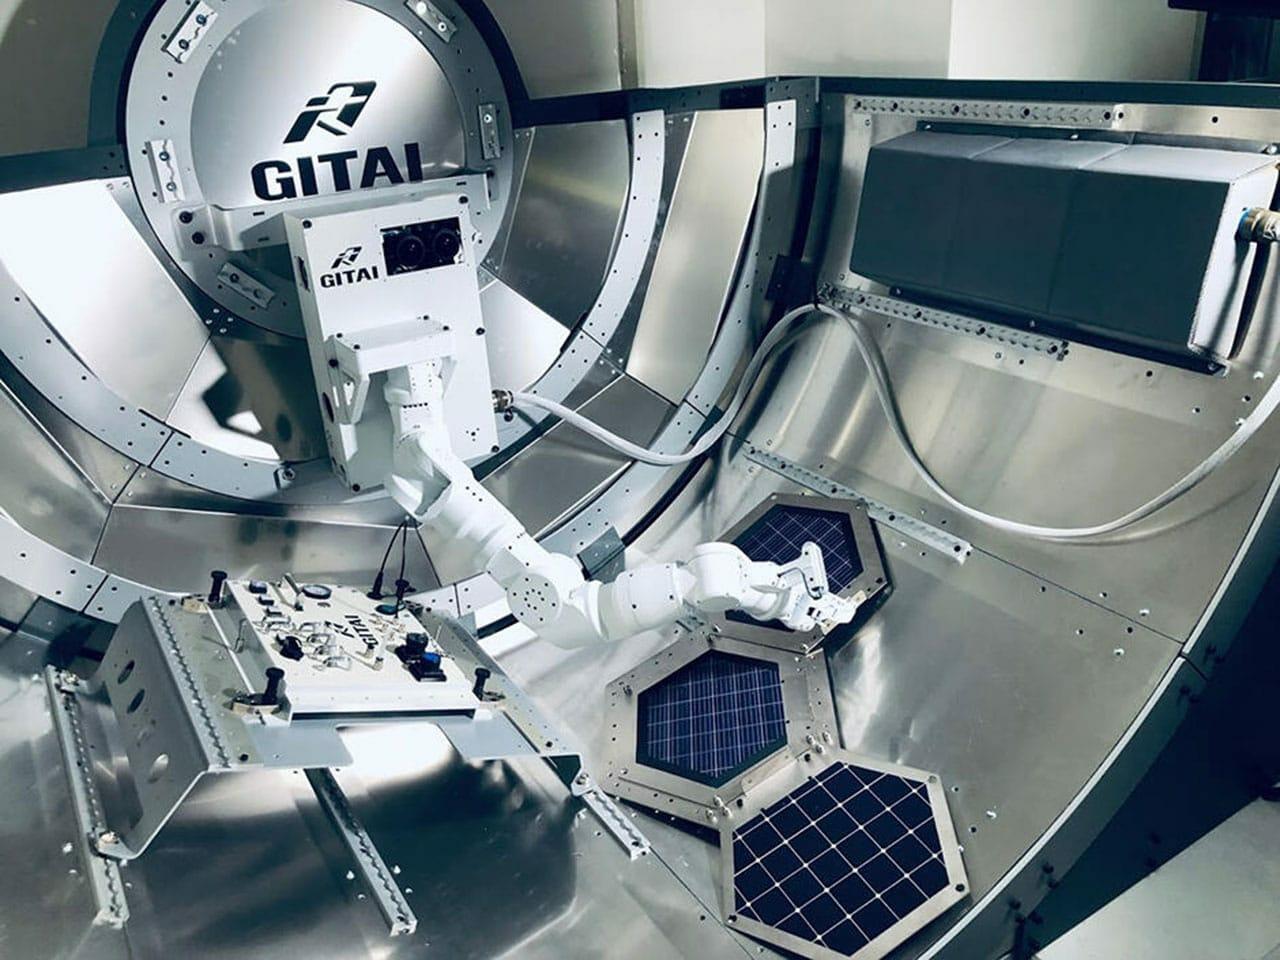 Demonstração tecnológica do robô GITAI no módulo ISS BISHOP Airlock (modelo), que foi construído no escritório da GITAI em Tóquio.